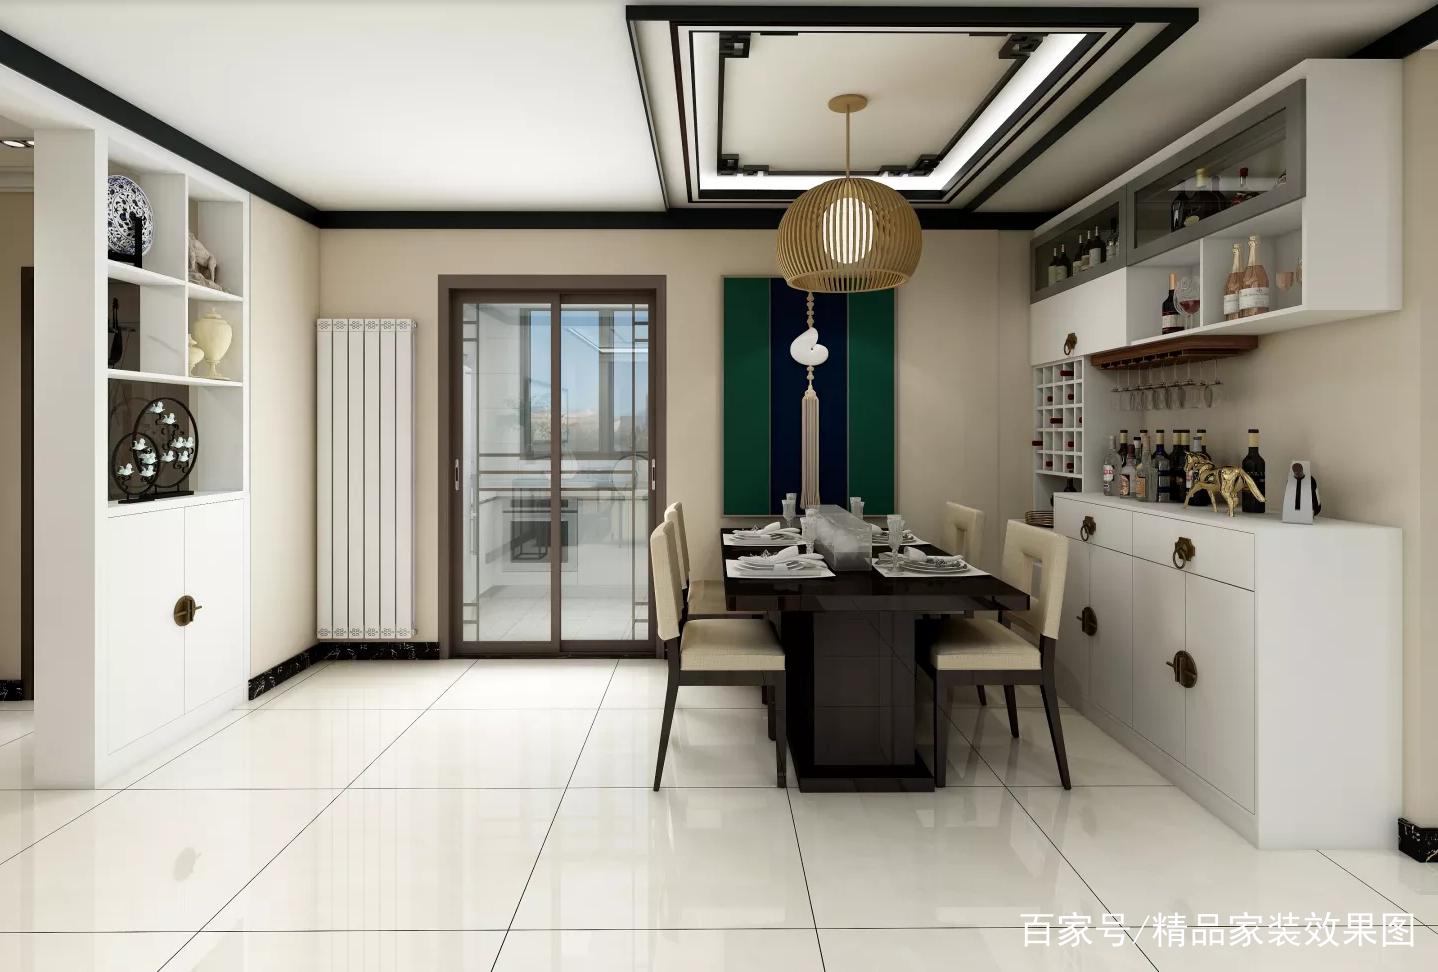 餐厅效果图.白色的酒柜与深色的餐桌搭配非常有层次感,既漂亮又实用.